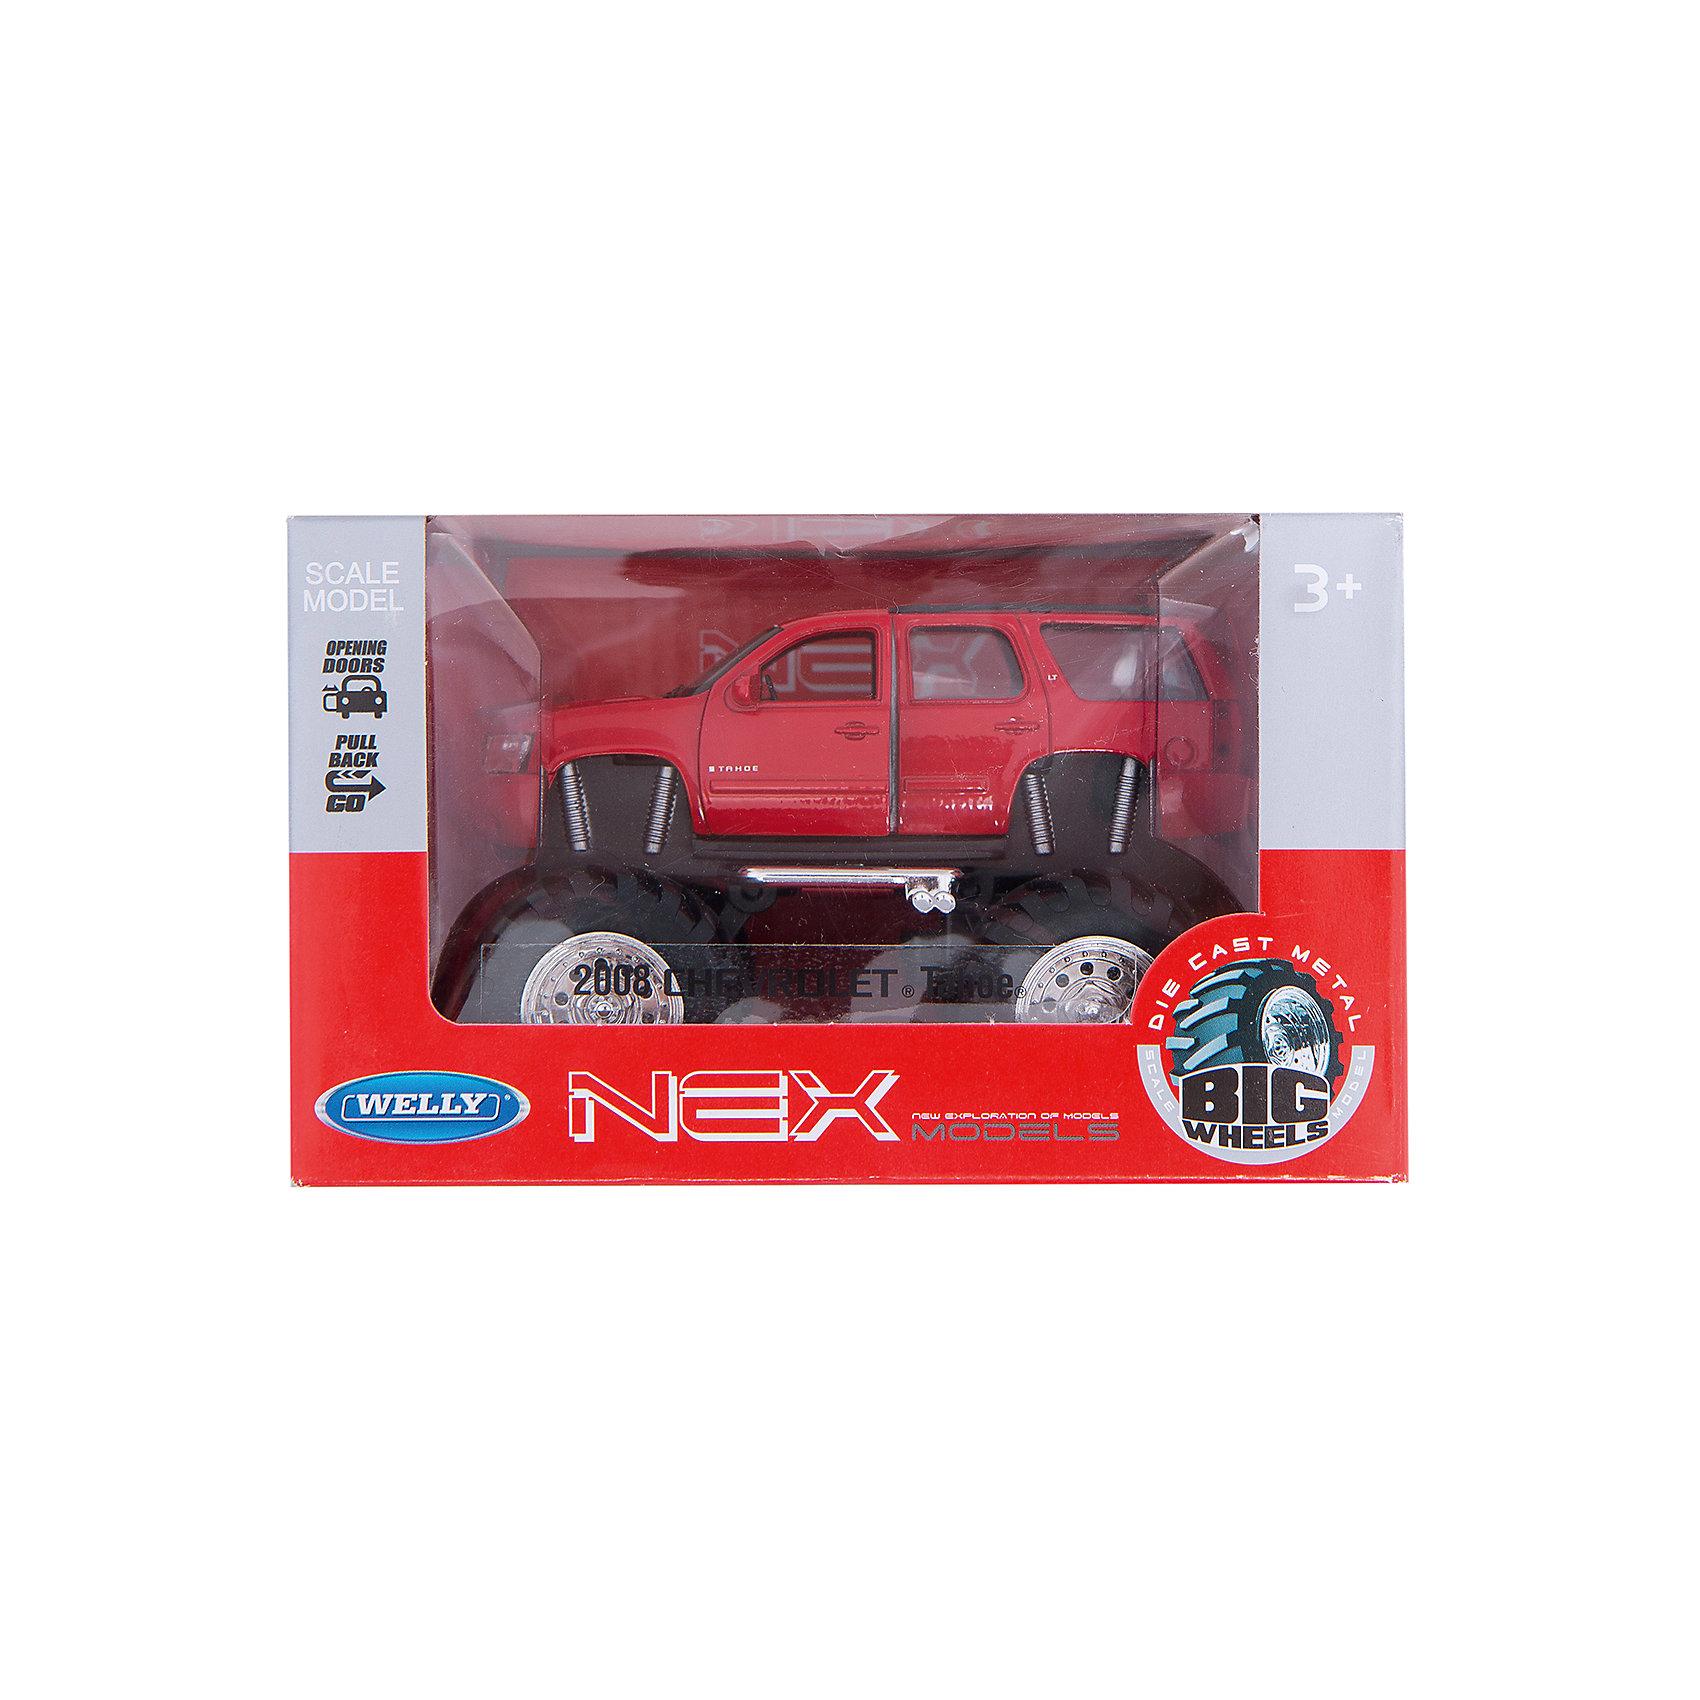 Модель машины 1:34-39 Chevrolet Tahoe Big Wheel, красная, WellyМашинки<br>Характеристики:<br><br>• тип автомобиля: внедорожник;<br>• открываются двери;<br>• прорезиненные колеса;<br>• наличие амортизаторов;<br>• инерционный механизм;<br>• масштаб: 1:34-39;<br>• материал: металл, пластик;<br>• размер упаковки: 15х11х6 см.<br><br>Устроить настоящие гонки на внедорожниках помогут машинки Chevrolet Tahoe Big Wheel. Мощные колеса, инерционный механизм, прочный корпус машинки дают возможность проводить соревнования снова и снова, машинки не бьются и не разбиваются. <br><br>Модель машины 1:34-39 Chevrolet Tahoe Big Wheel, красная, Welly можно купить в нашем магазине.<br><br>Ширина мм: 155<br>Глубина мм: 95<br>Высота мм: 100<br>Вес г: 294<br>Возраст от месяцев: 36<br>Возраст до месяцев: 2147483647<br>Пол: Мужской<br>Возраст: Детский<br>SKU: 5255011